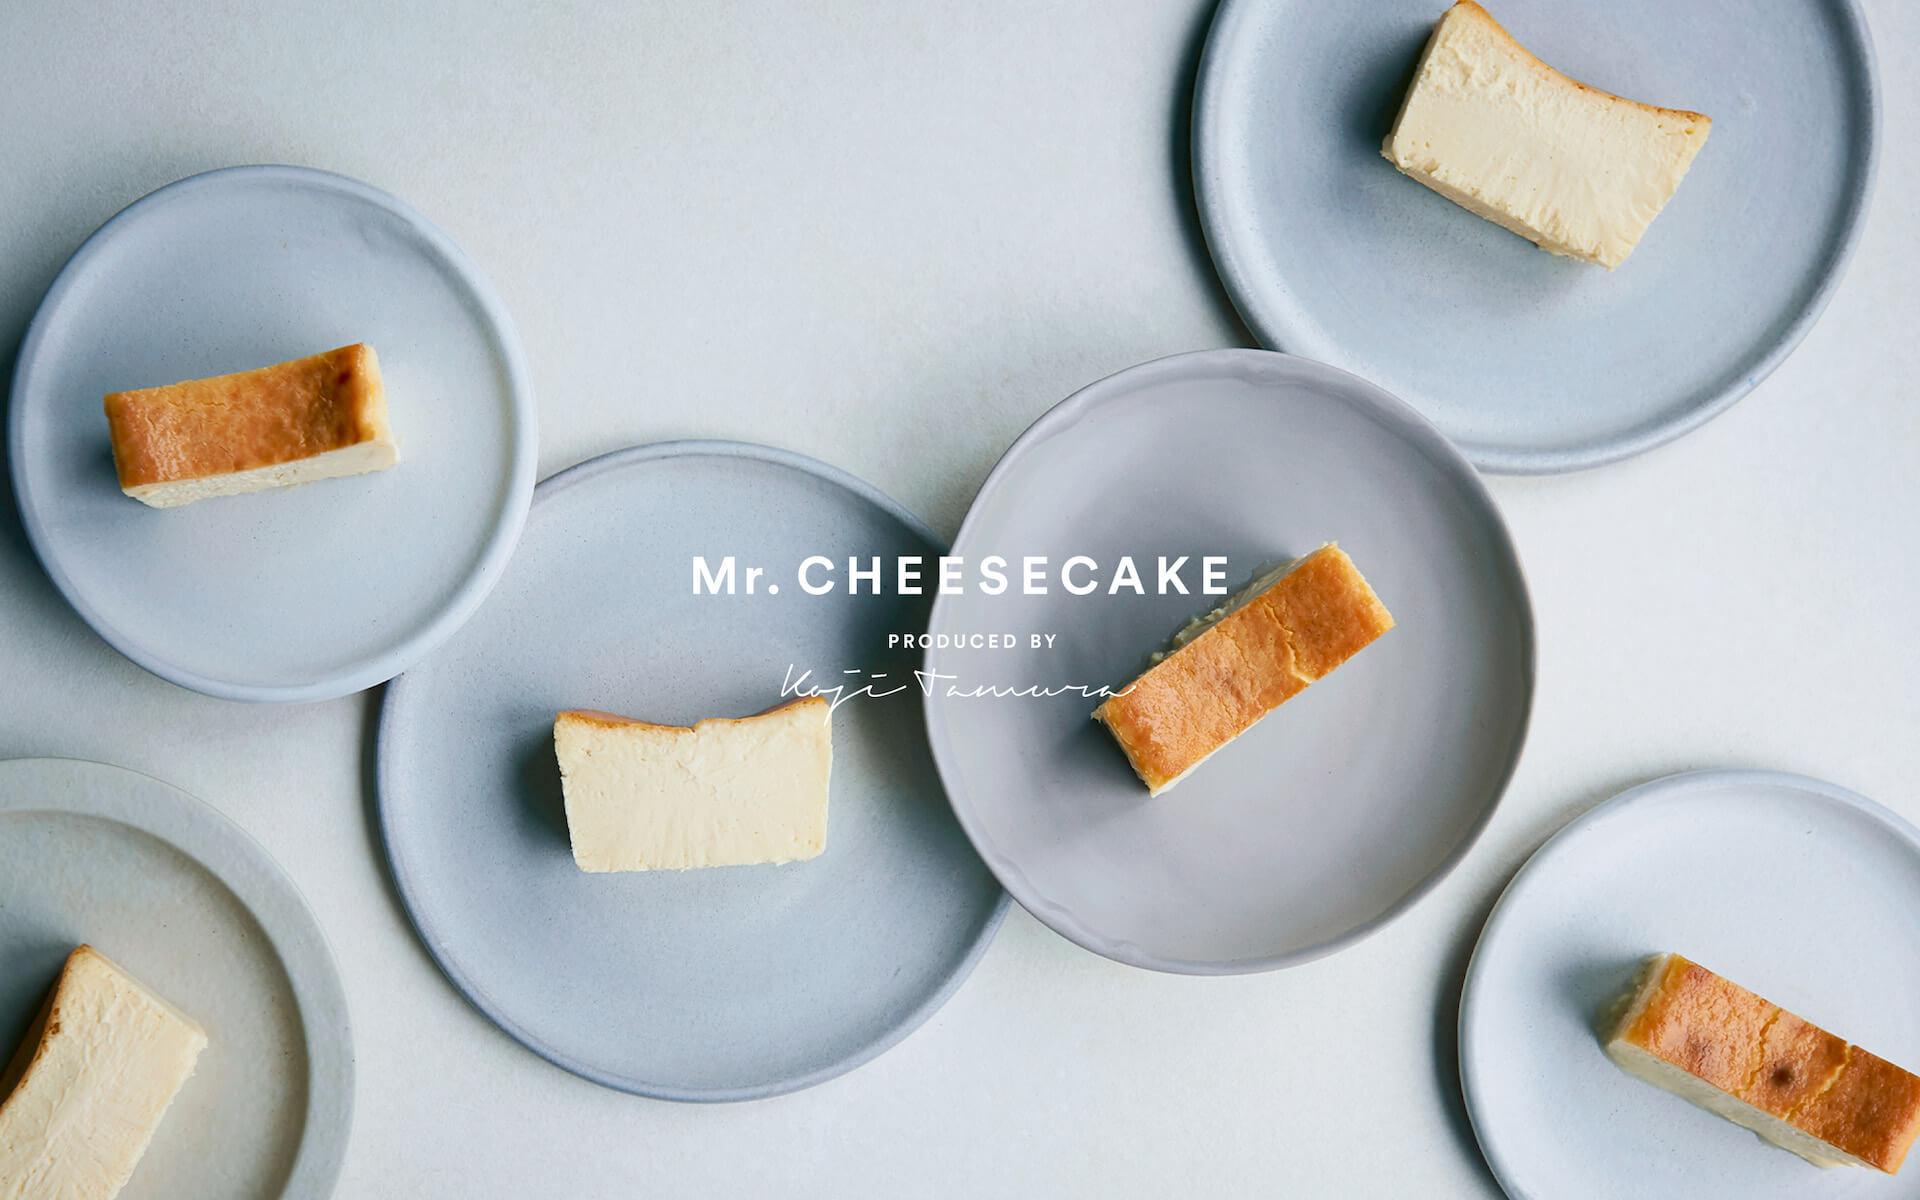 超濃厚チーズケーキでおなじみのMr. CHEESECAKEとセブン-イレブンのコラボが実現!「ミスターチーズケーキ アイスクリーム」など2種類登場 gourmet201214_mrcheesecake_711_2